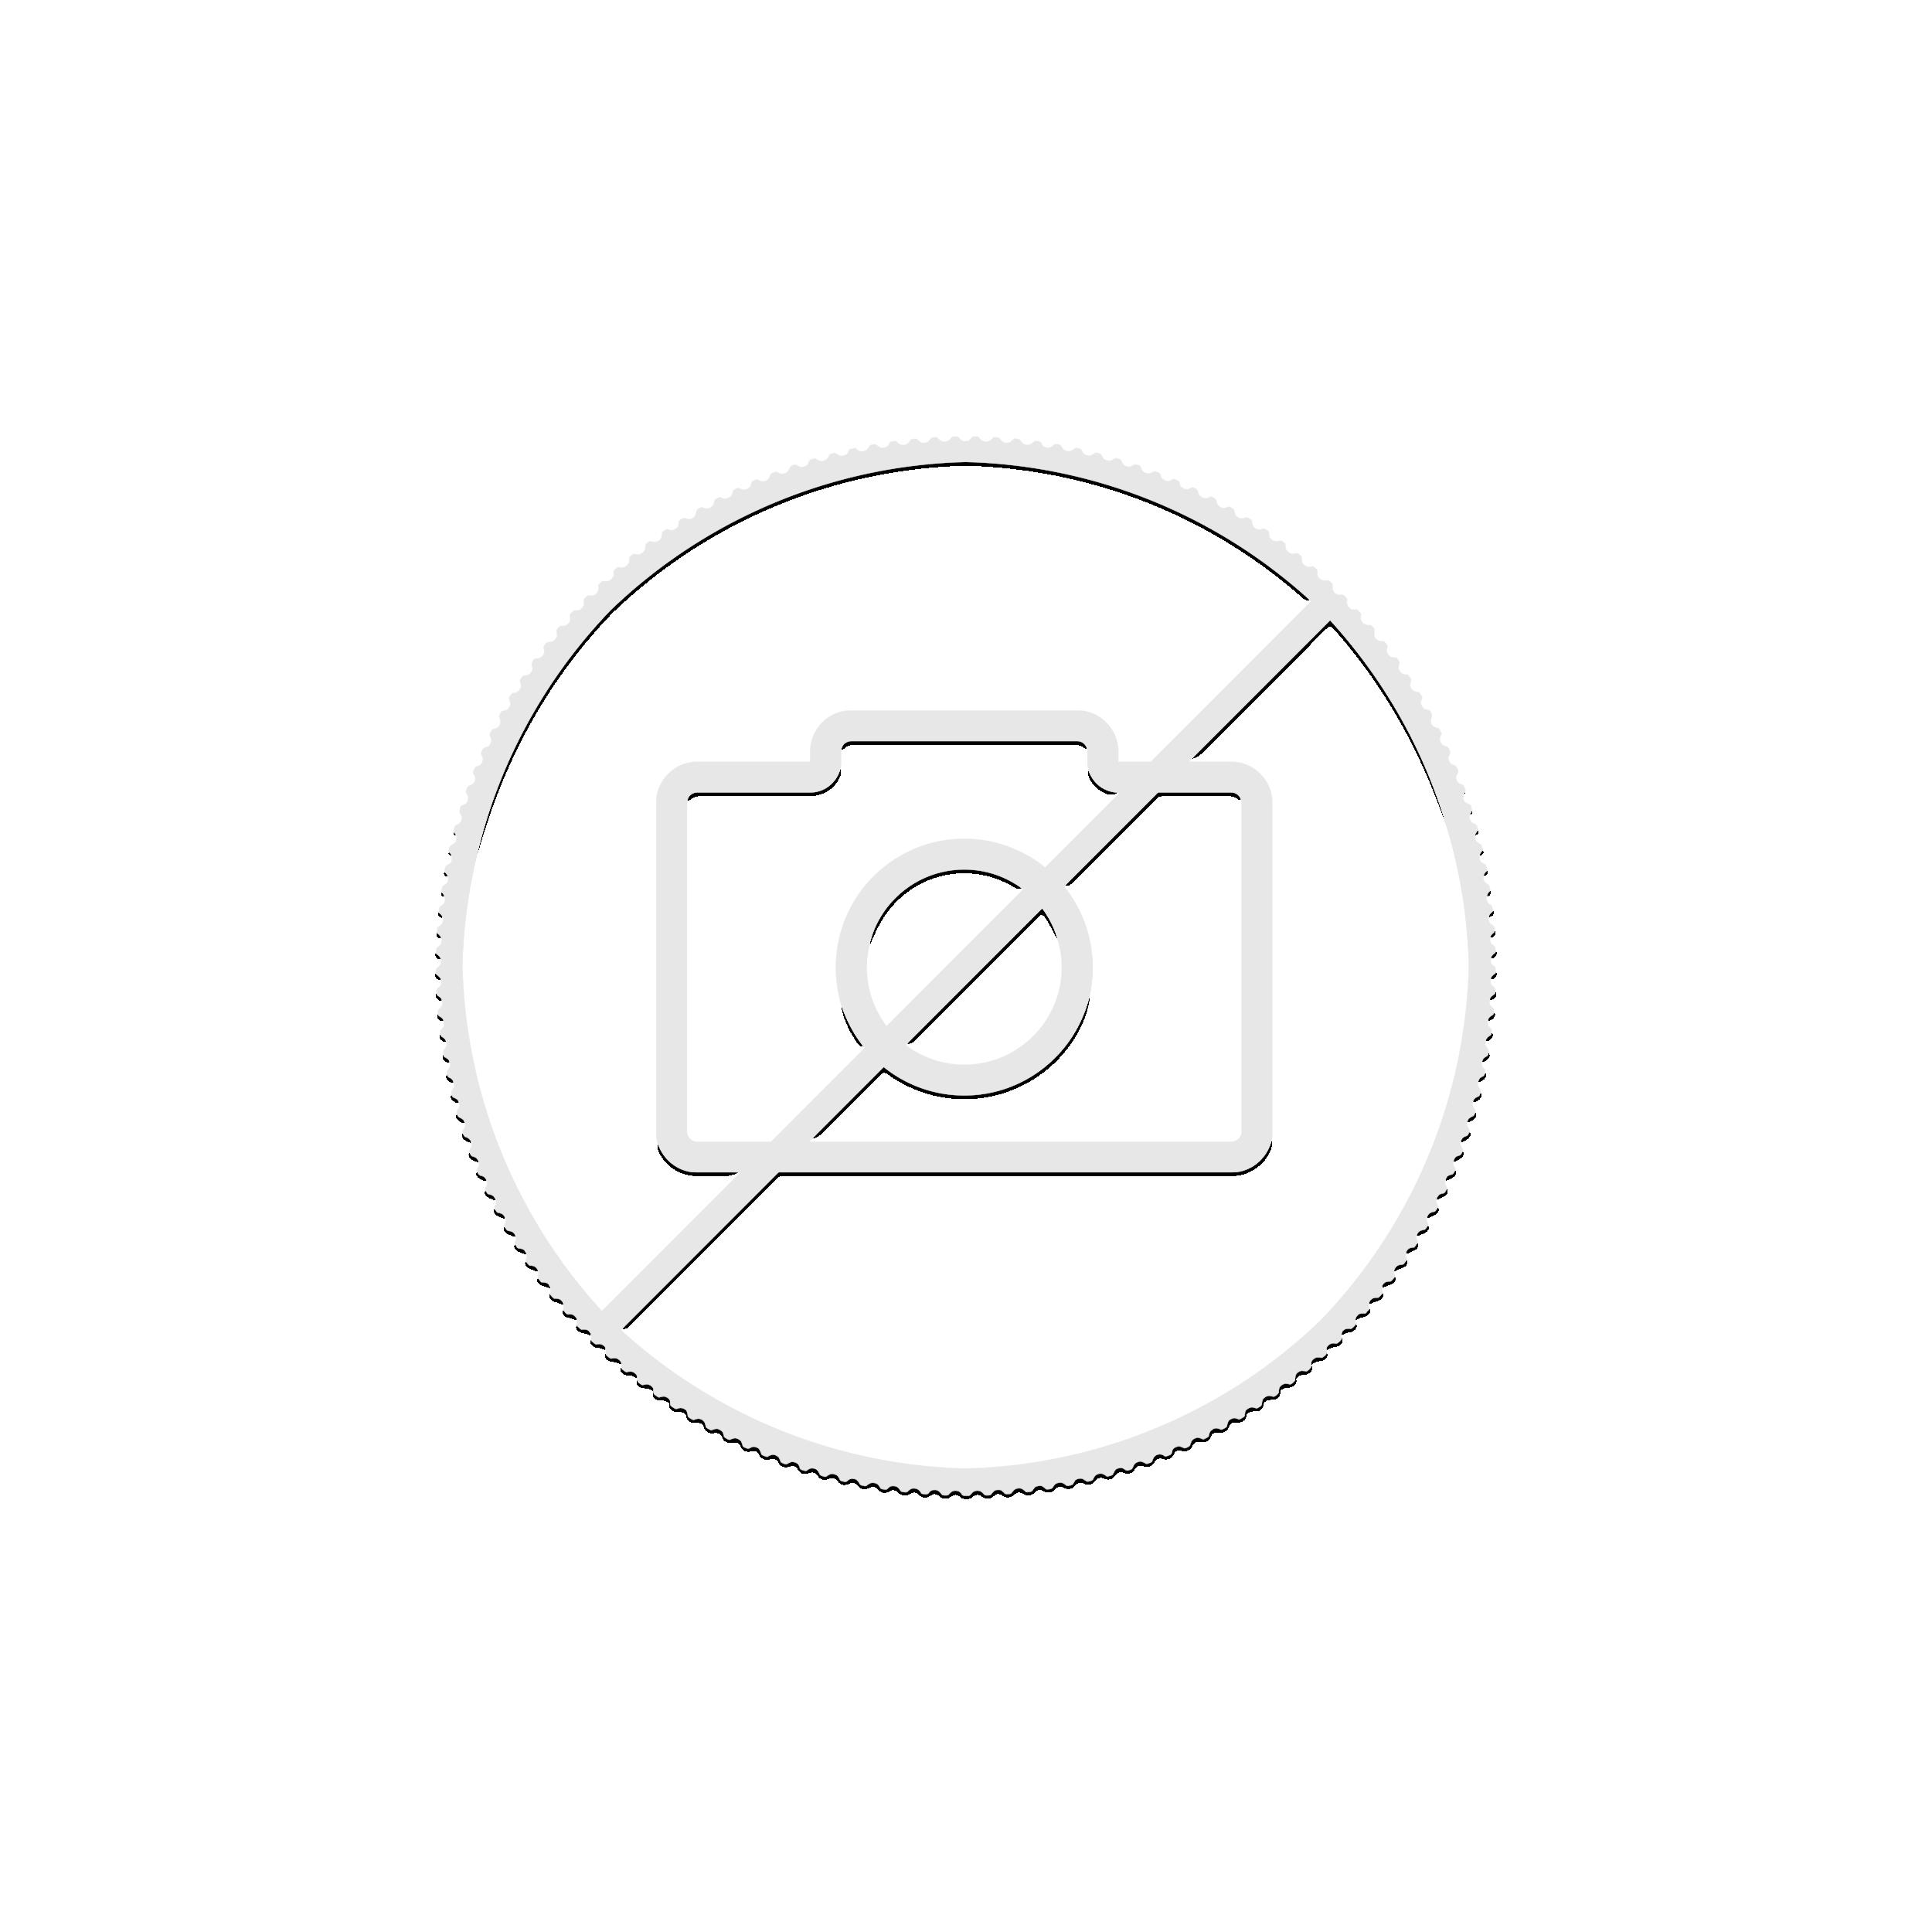 2015 - Zilveren Kookaburra munt 1 troy ounce zilver